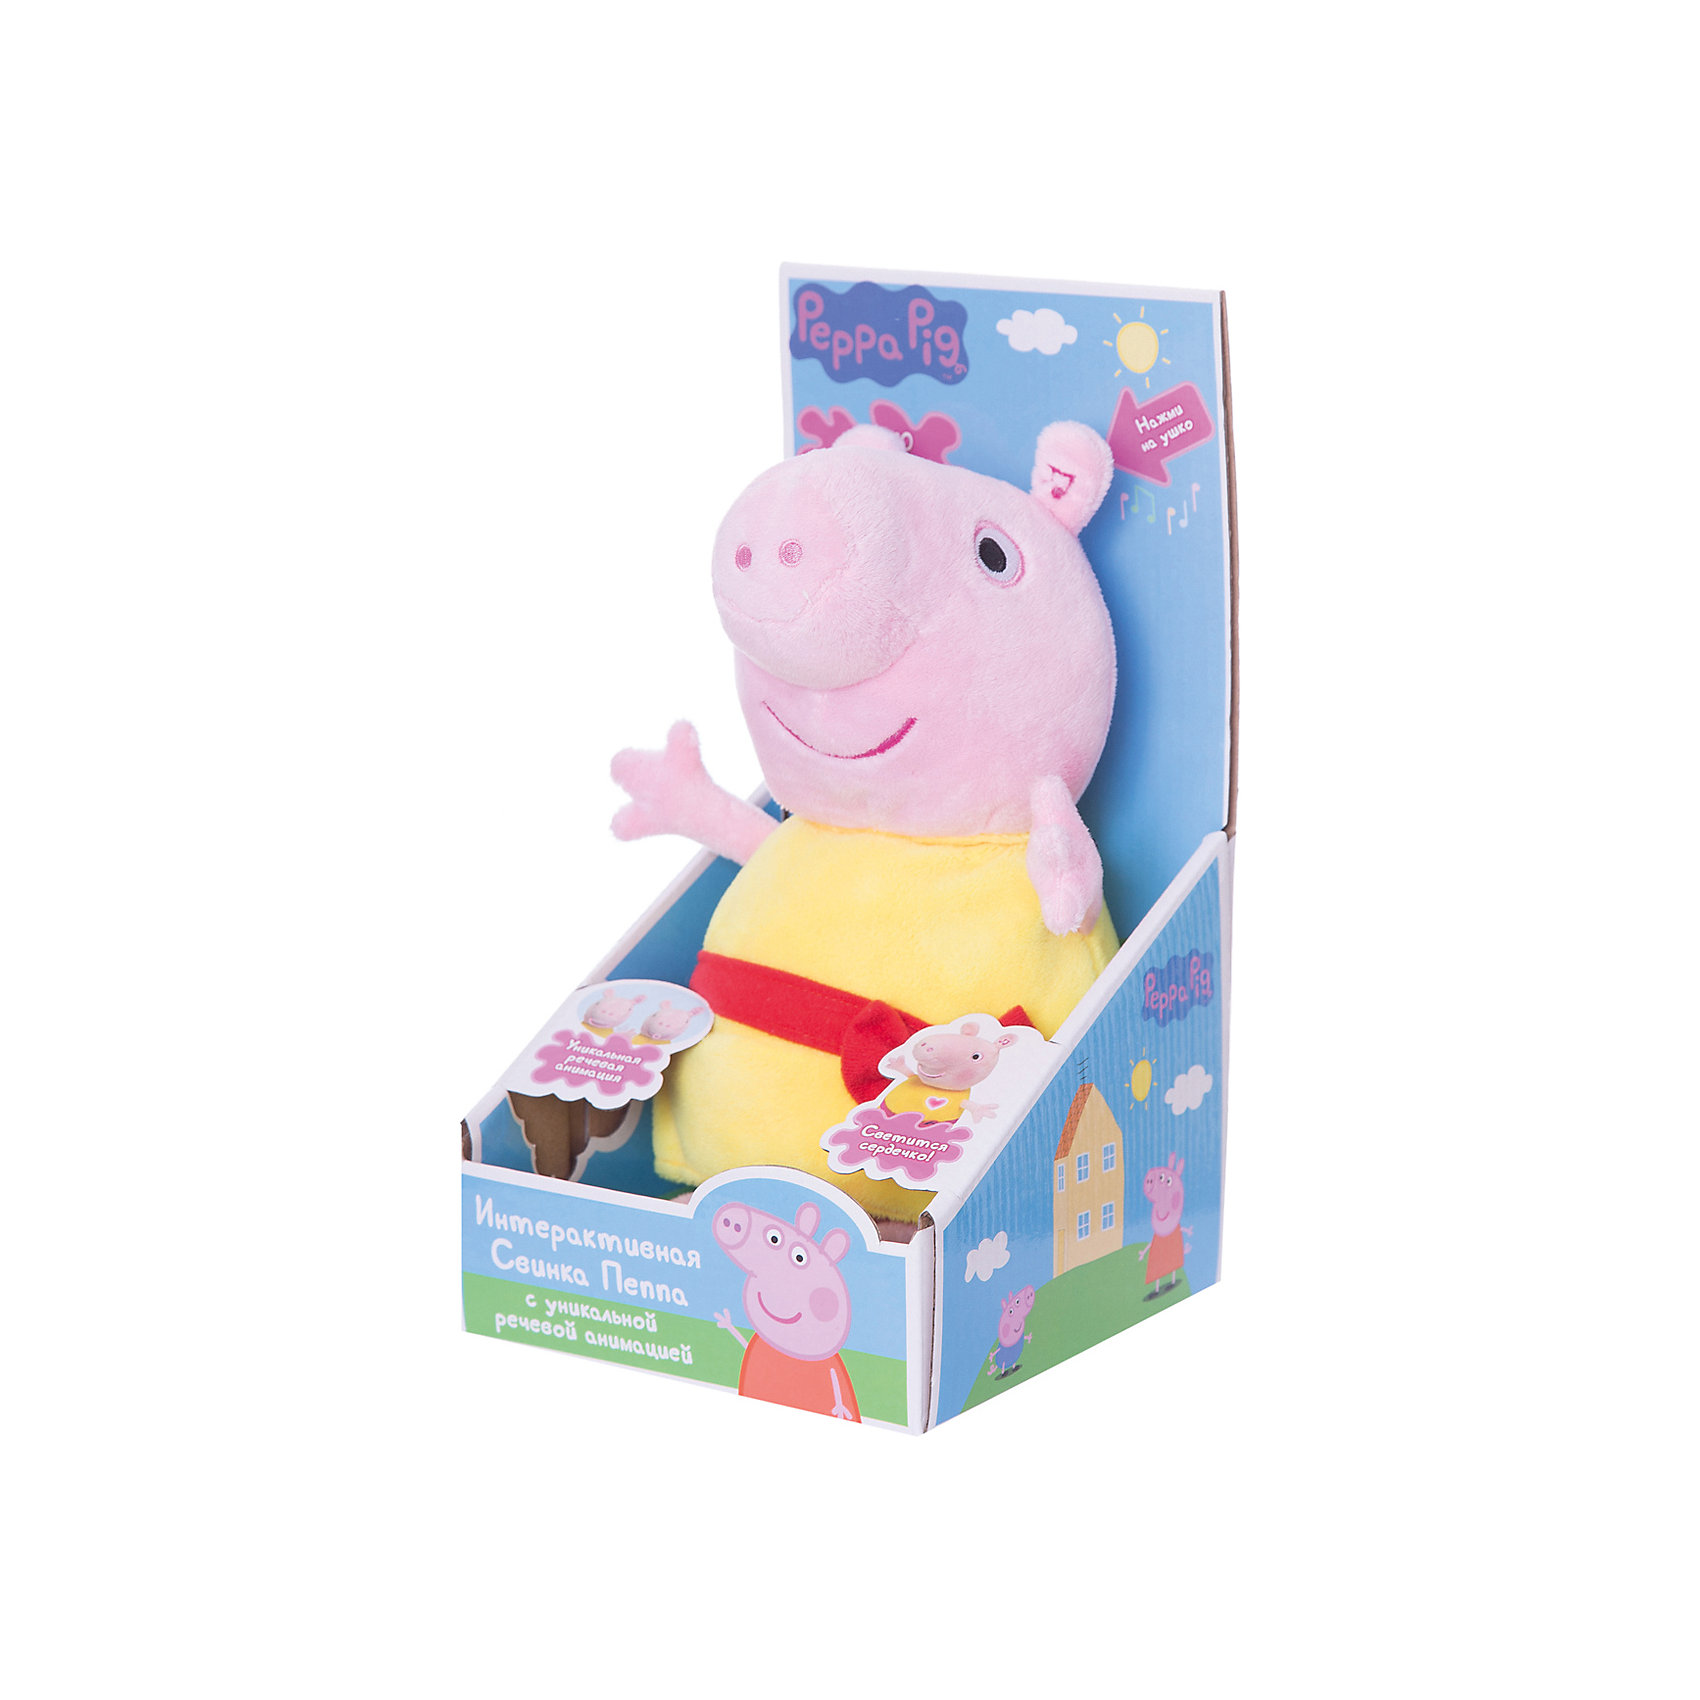 Мягкая игрушка Пеппа,30 см, речь, свет и звук, Свинка ПеппаСвинка Пеппа<br>Малыши очень любознательны и общительны, они каждый день узнают что-то новое. Сделать процесс познавания мира для малышей - просто! Яркая игрушка в  виде Свинки Пеппы поможет ребенку весело  и с пользой провести время. Игрушка сделана из мягкого материала, что развивает тактильное восприятие ребенка. Оснащена звуковыми эффектами (2 песенки, стих и более 10 фраз из мультфильма), также на ней светится сердечко. Она обладает уникальным эффектом речевой анимации, повторяющей движение рта при воспроизведении речи. <br>Эта игрушка обязательно займет ребенка! Игра с ней помогает детям развивать мелкую моторику, внимательность и познавать мир. Игрушка сделана из качественных и безопасных для ребенка материалов.<br><br>Дополнительная информация:<br><br>цвет: разноцветный;<br>размер упаковки: 15 х 16 х 29 см;<br>работает от батареек АААх3, в комплекте;<br>материал: текстиль, пластик.<br><br>Мягкую игрушку Пеппа,30 см, речь, свет и звук, Свинка Пеппа можно купить в нашем магазине.<br><br>Ширина мм: 155<br>Глубина мм: 160<br>Высота мм: 290<br>Вес г: 370<br>Возраст от месяцев: 36<br>Возраст до месяцев: 2147483647<br>Пол: Унисекс<br>Возраст: Детский<br>SKU: 4924163